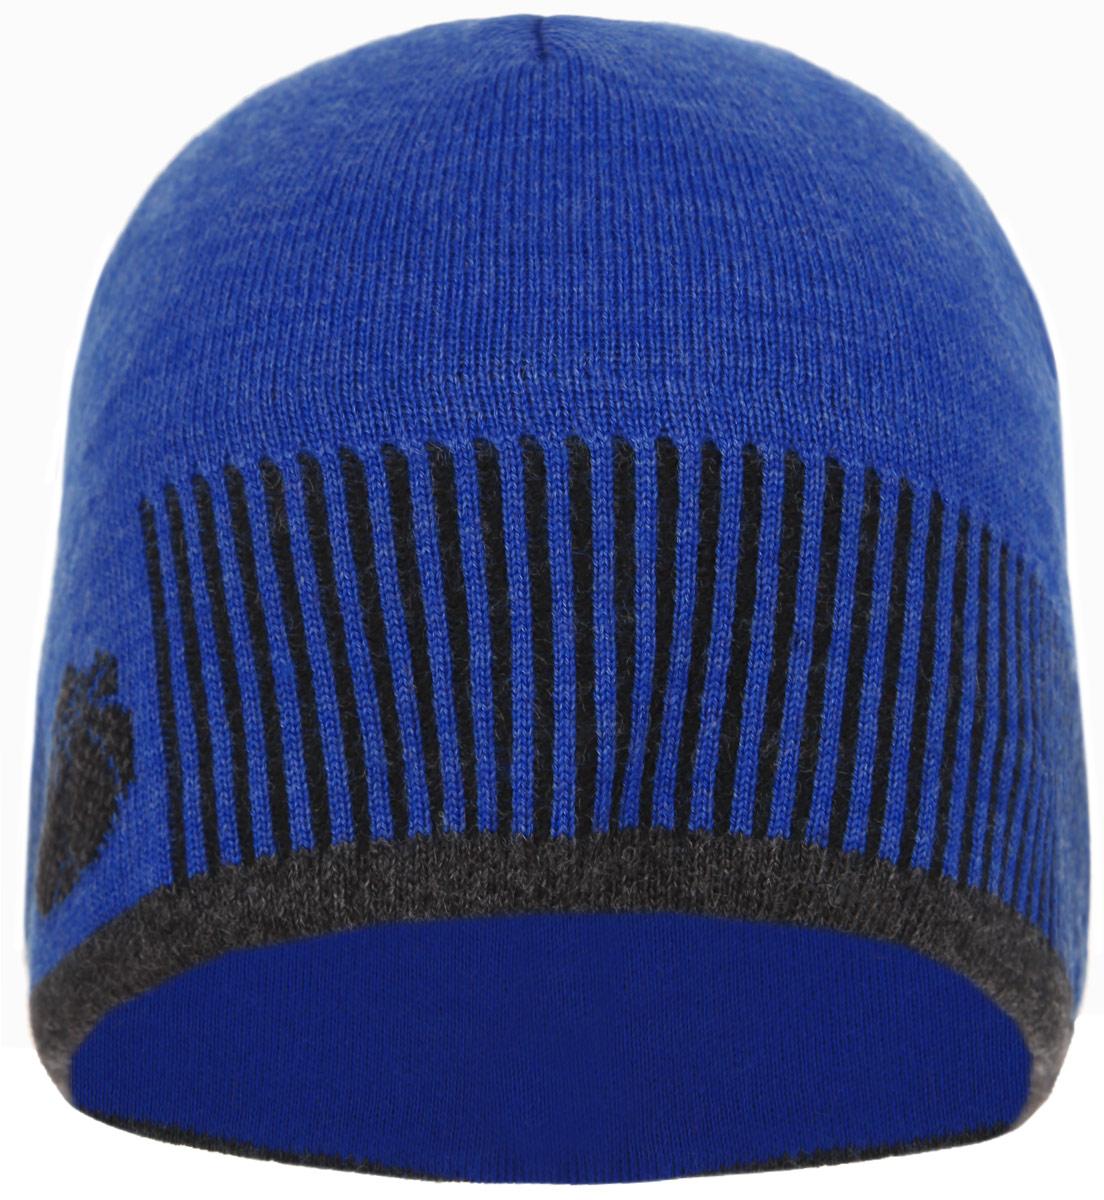 Шапка женская. 012.00012012.00012.01Стильная шапка Anti отлично дополнит ваш образ в прохладную погоду. Содержание шерсти и акрила отлично сохраняет тепло и обеспечивает удобную посадку. Такая модель комфортна и приятна на ощупь, она великолепно подчеркнет ваш вкус. Шапка Ant станет отличным дополнением к вашему осеннему или зимнему гардеробу, в ней вам будет уютно и тепло!